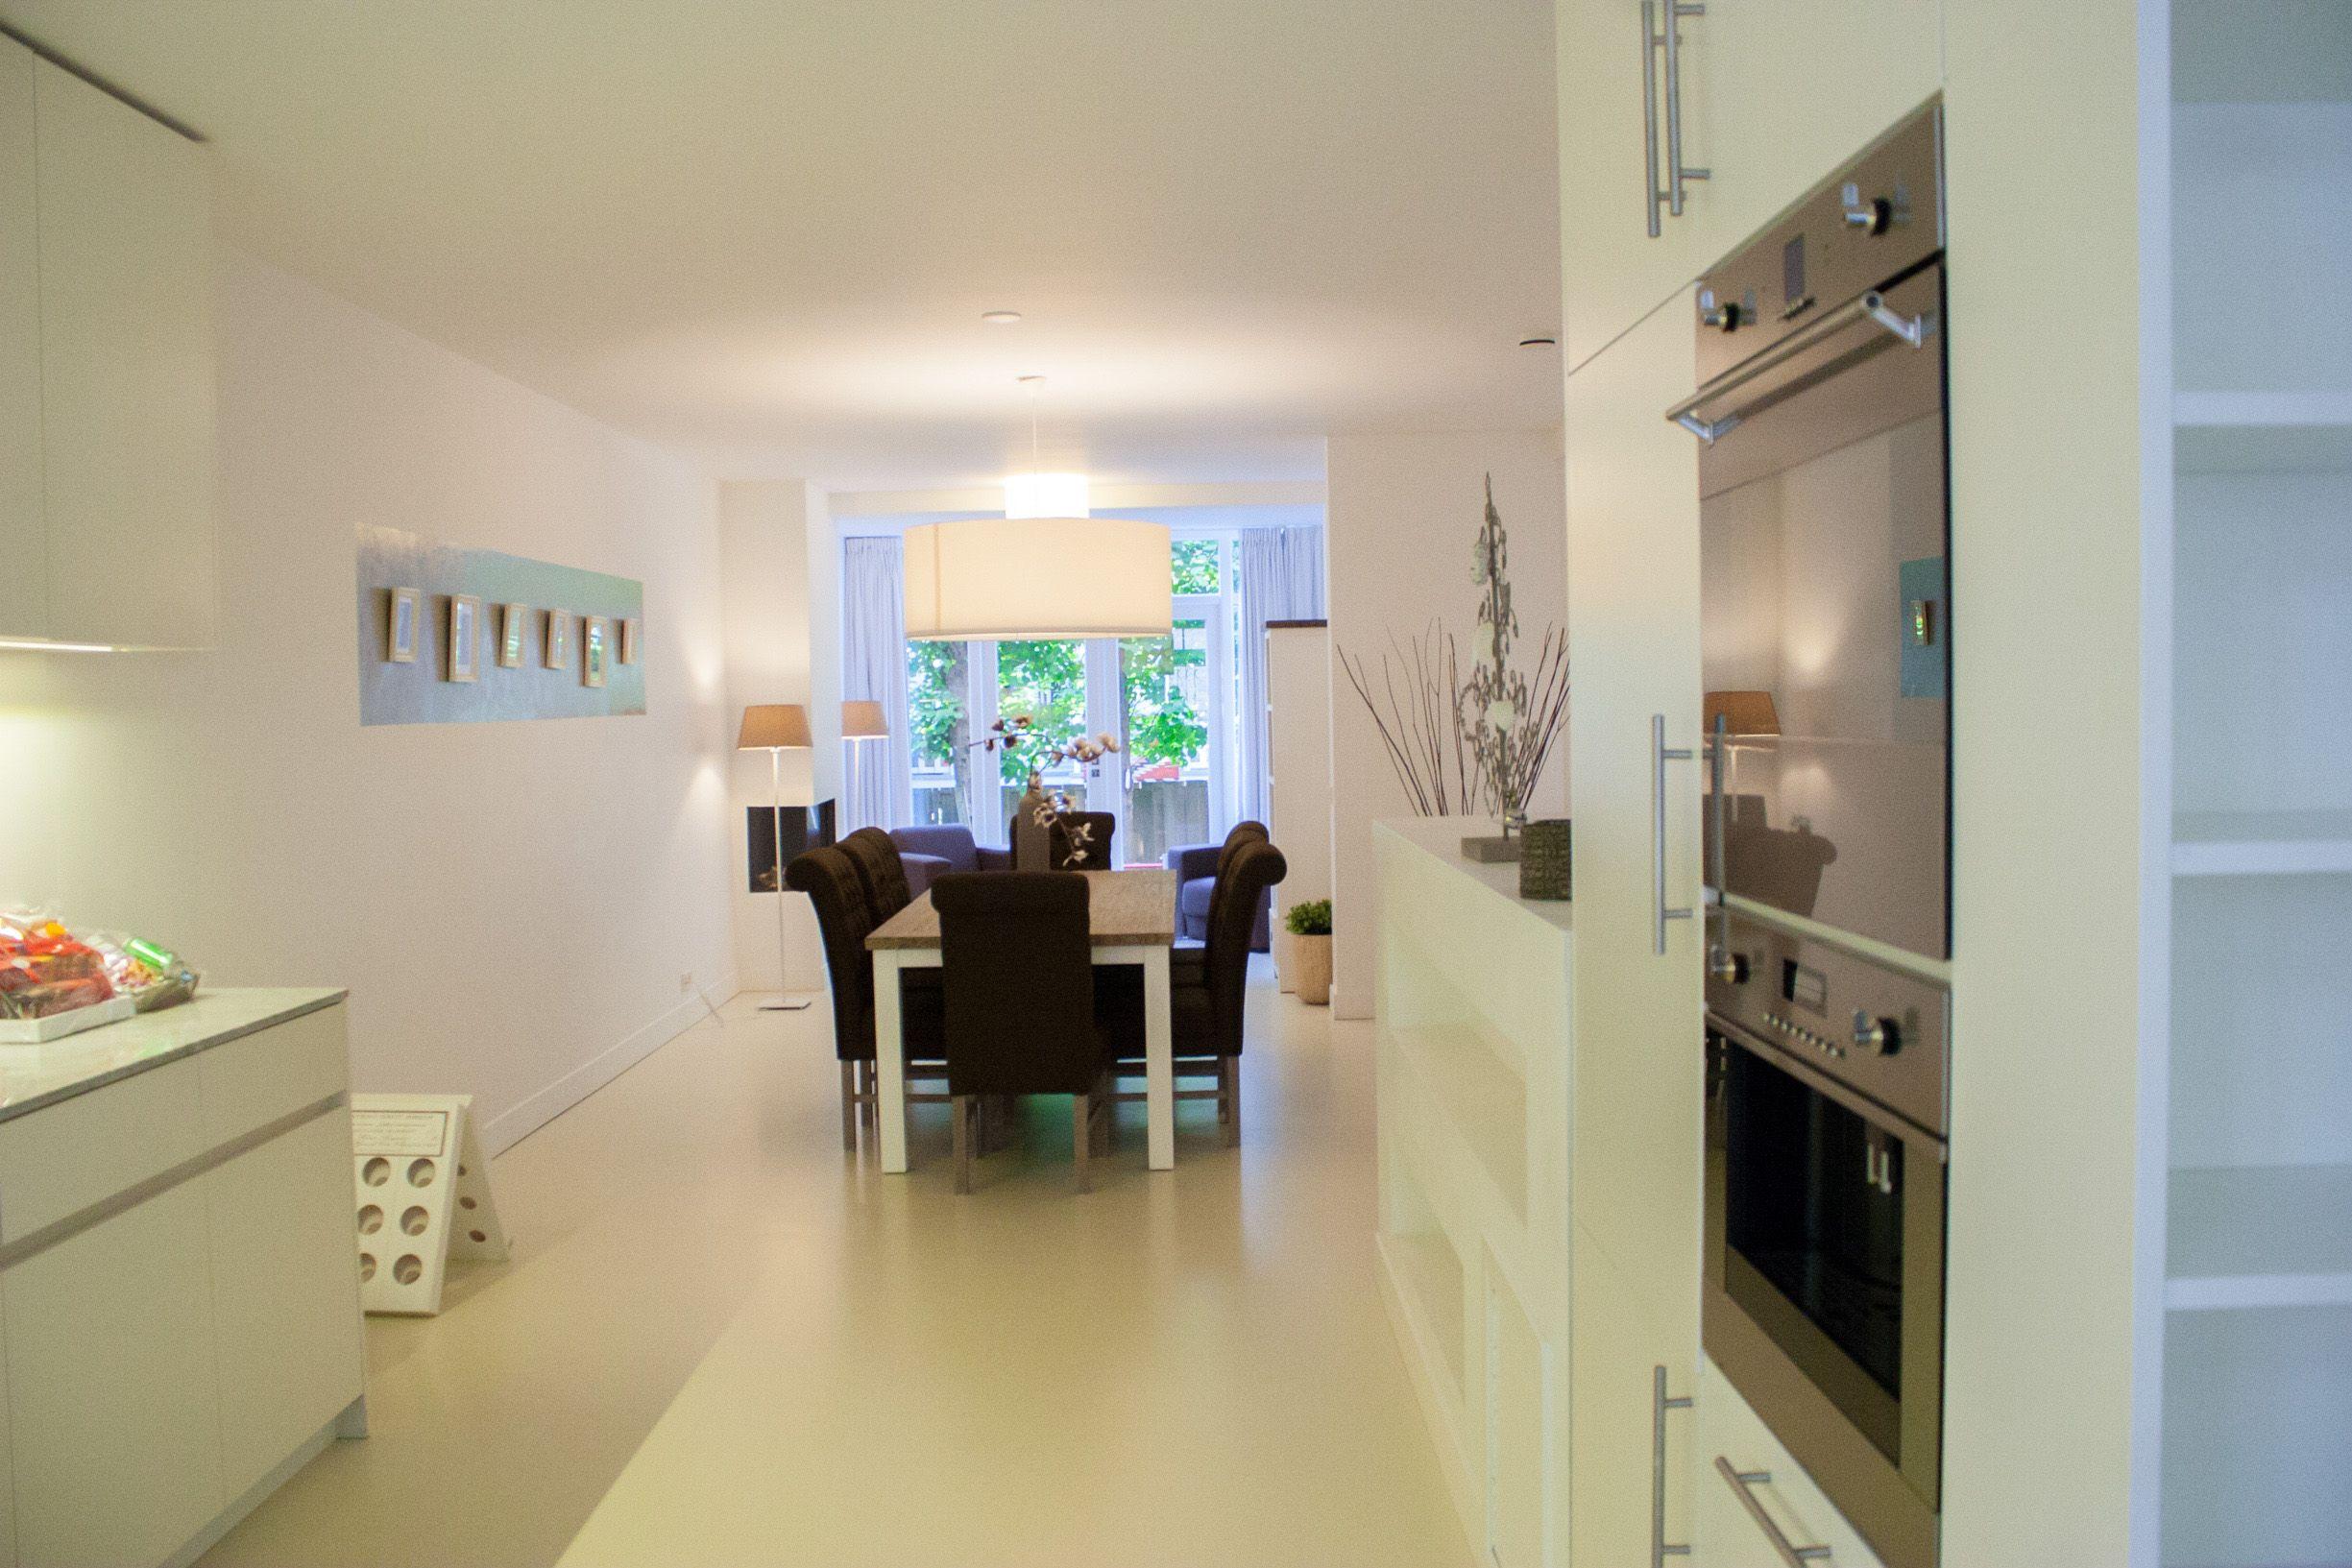 Meubels Verhuur. Rental Furniture. Interieur verhuur. Expat housing ...